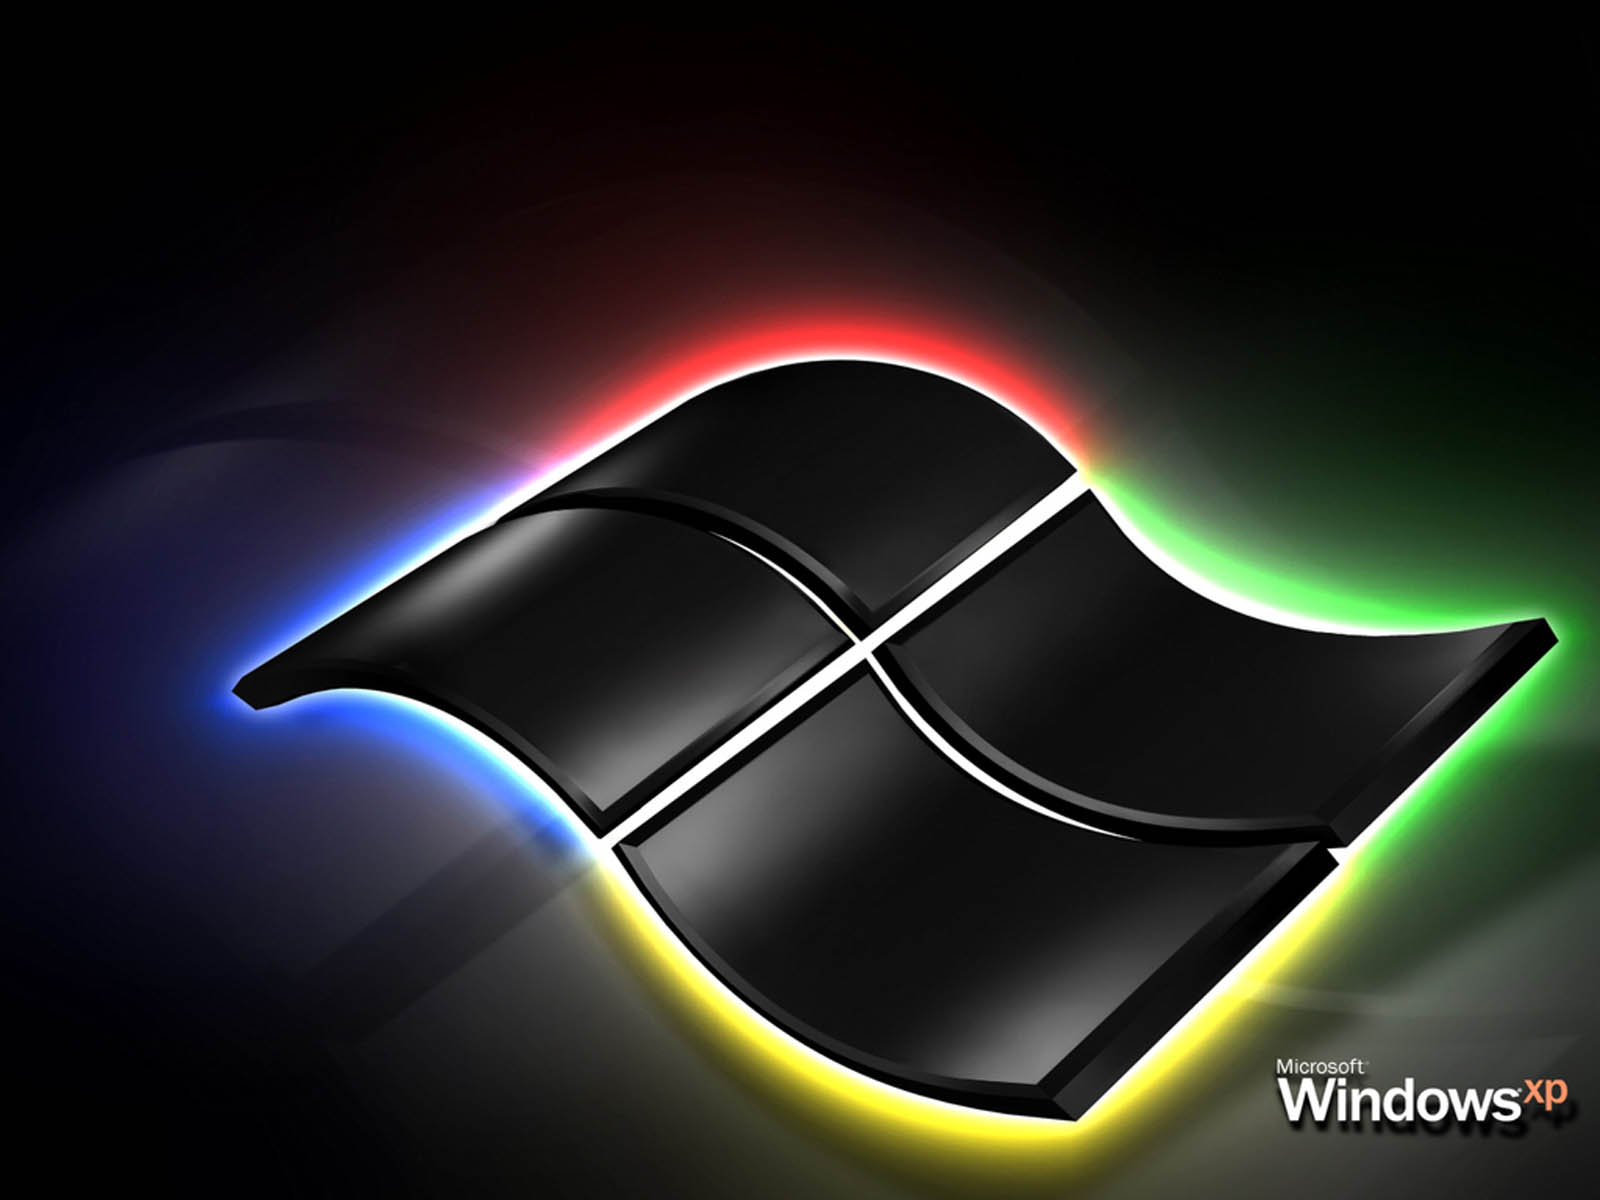 windows xp logo wallpaper desktop 1600x1200